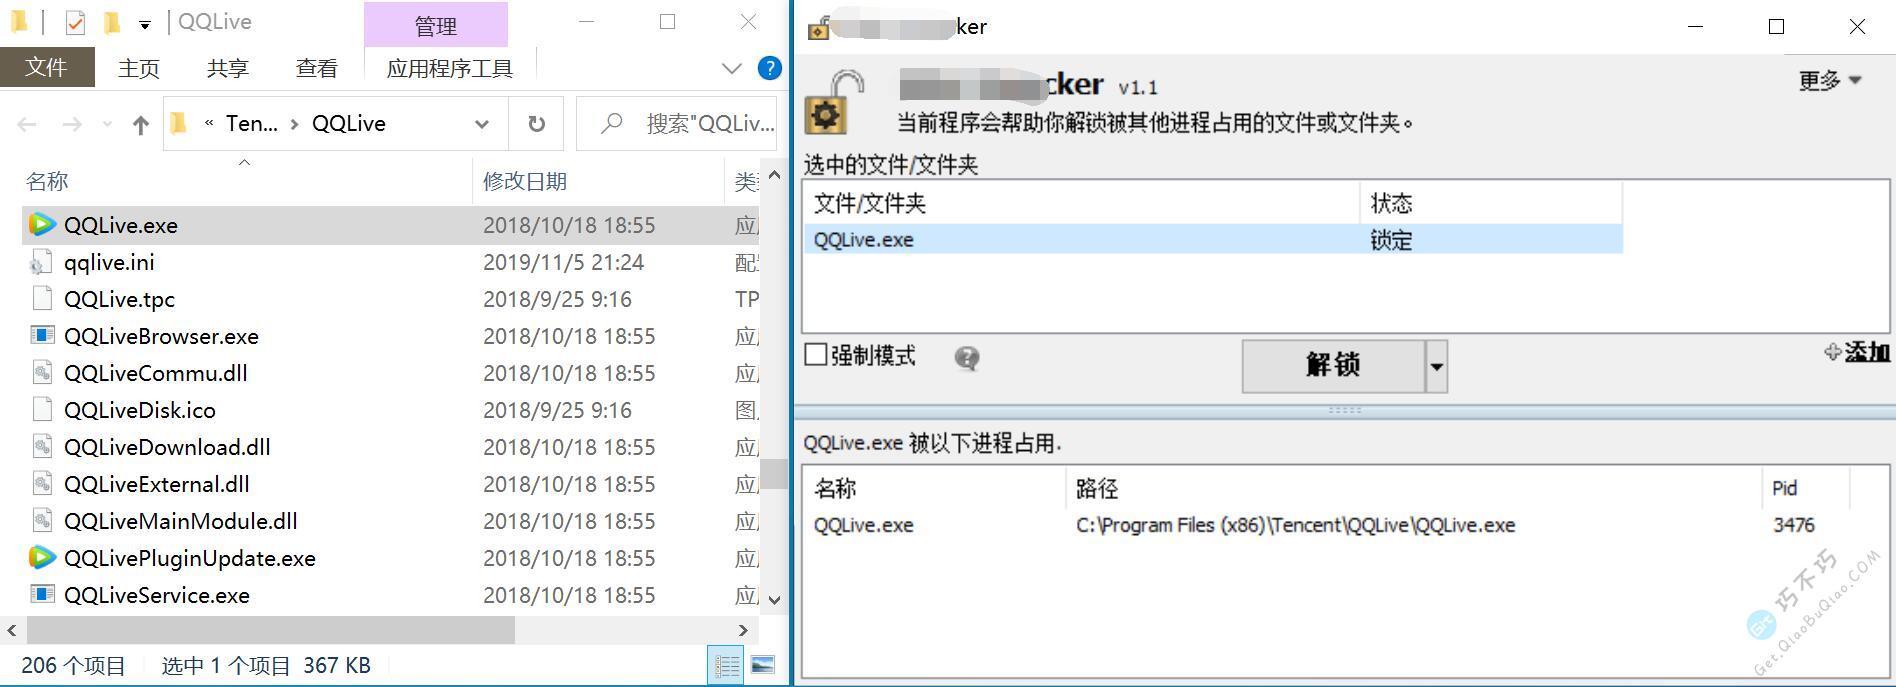 一个小工具解决有些文件无法删除、正在使用、没有权限、访问被拒绝、被阻止移动复制重命名的问题